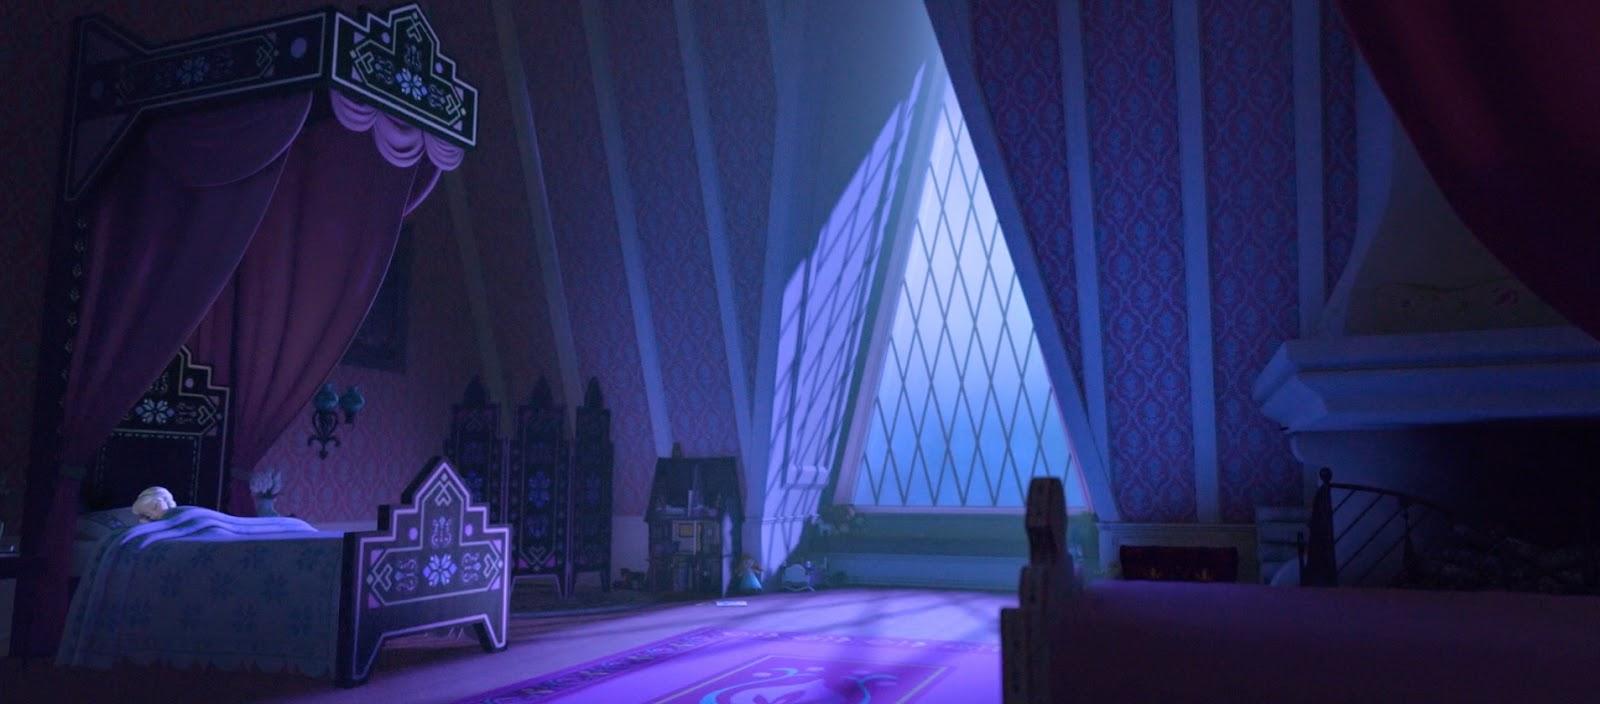 Gambar Elsa Frozen sedang tidur download gratis